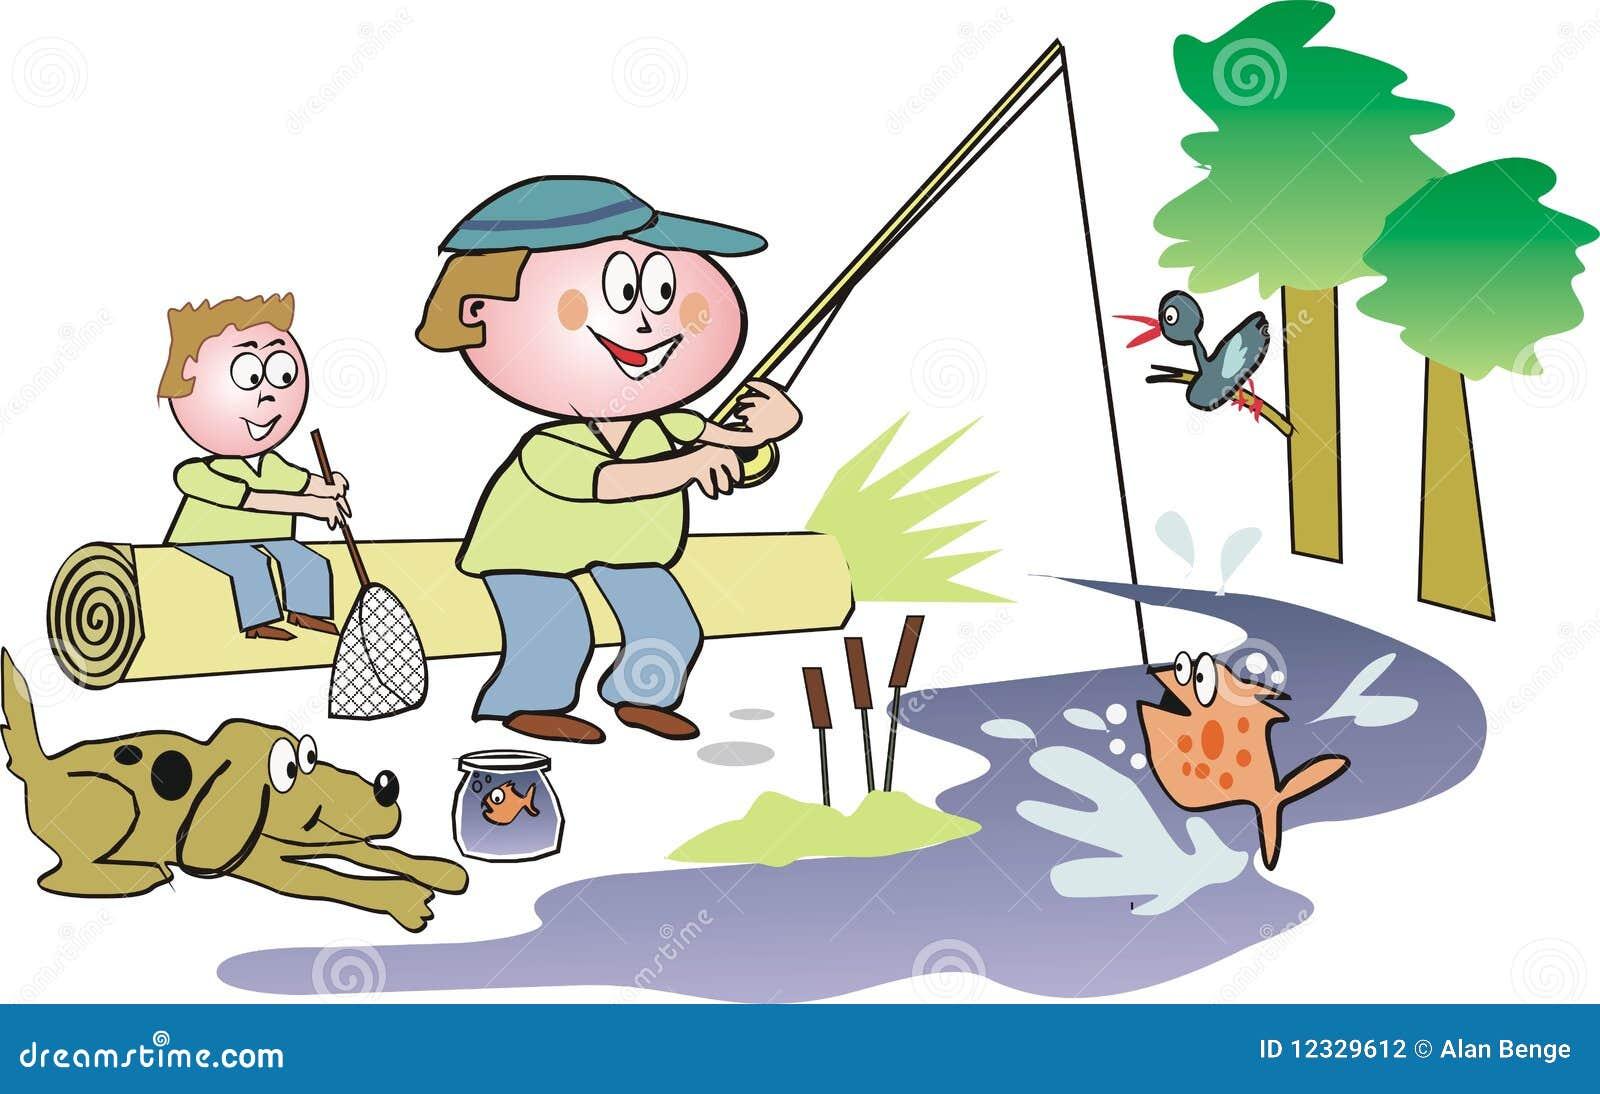 family fishing cartoon stock photography image 12329612